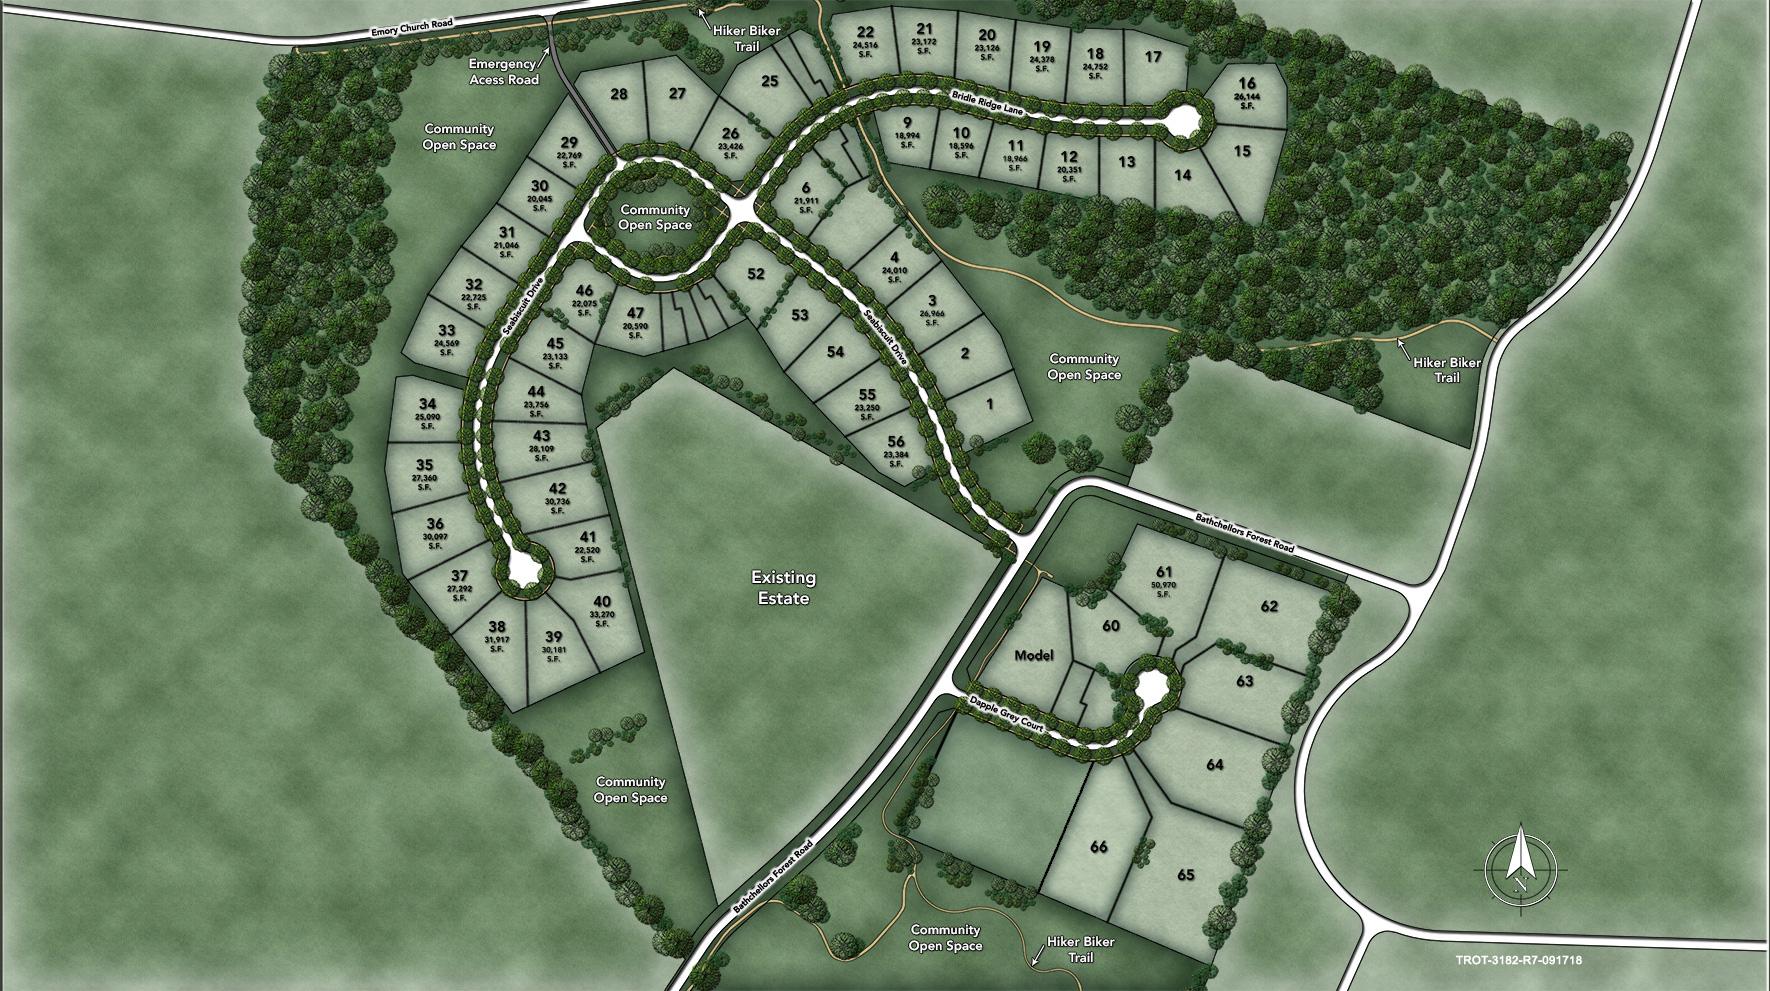 Trotters Glen Site Plan